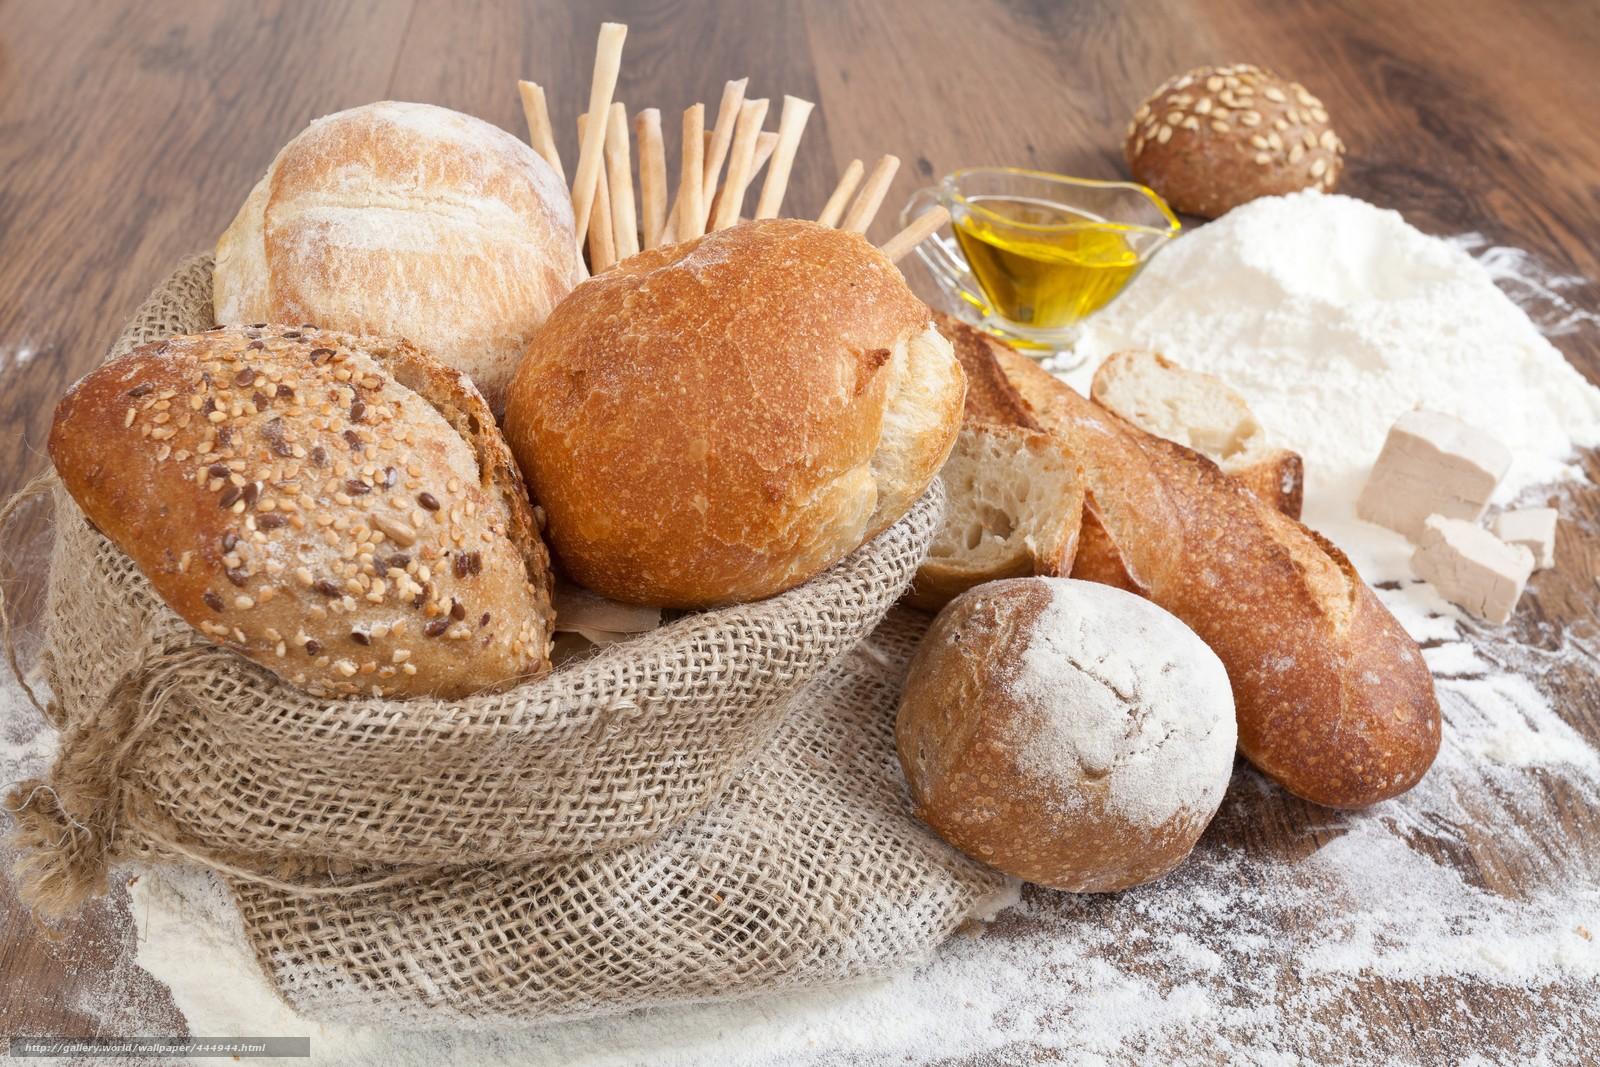 Скачать обои bread,  round,  baguette,  bag бесплатно для рабочего стола в разрешении 7728x5155 — картинка №444944